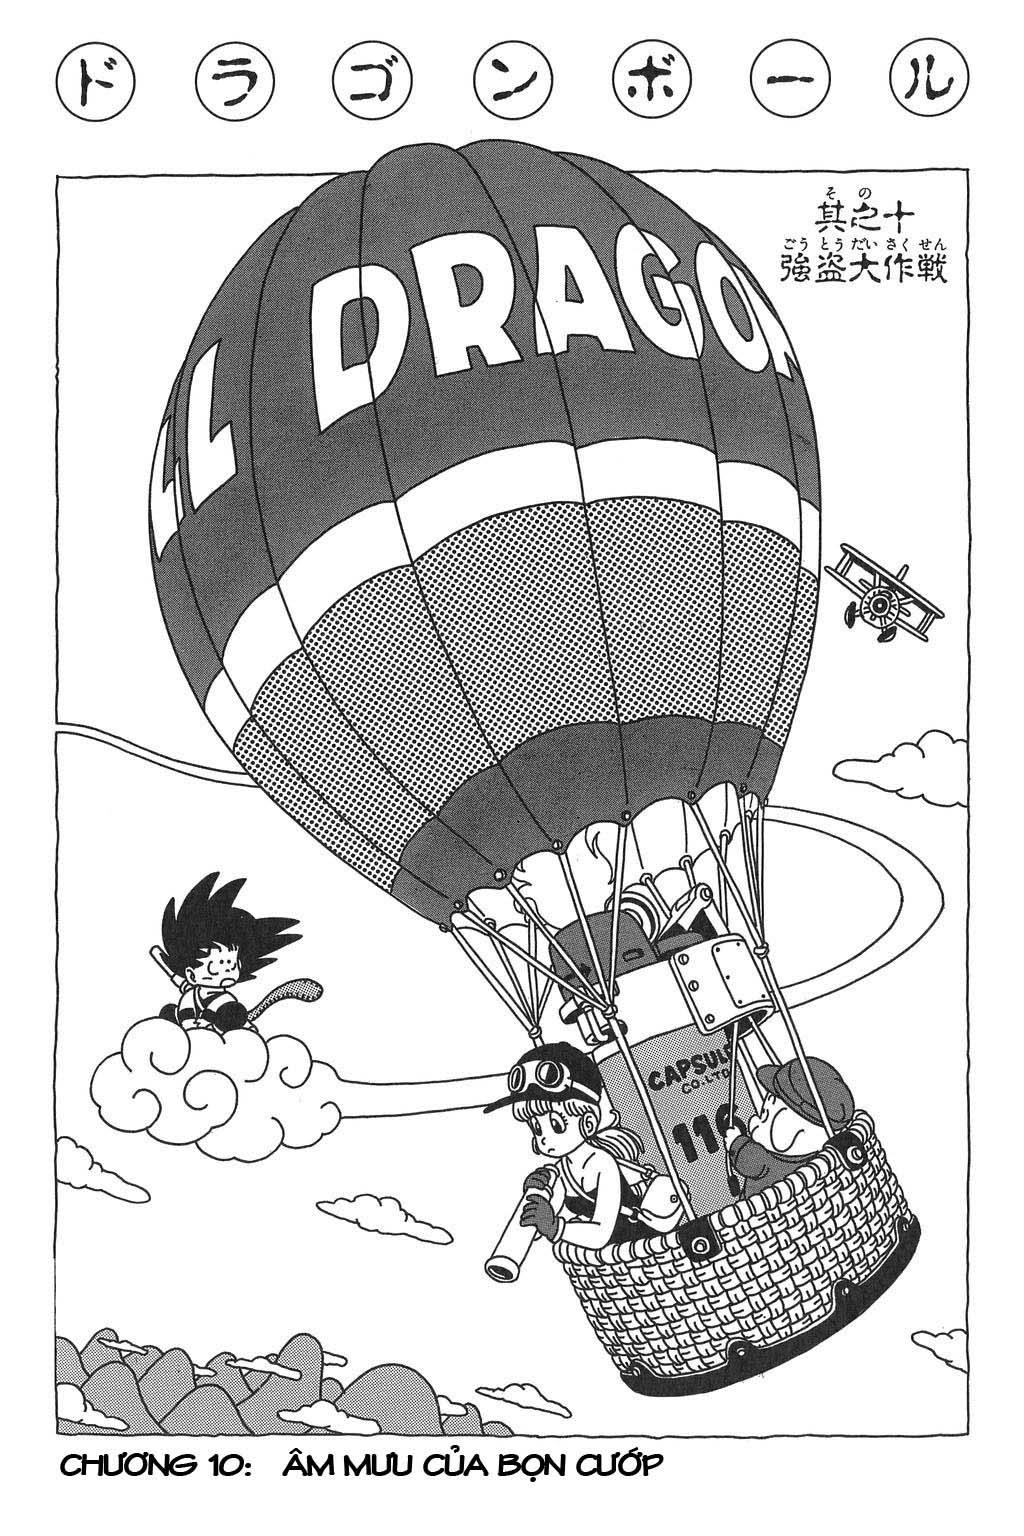 xem truyen moi - Dragon Ball Bản Vip - Bản Đẹp Nguyên Gốc Chap 10